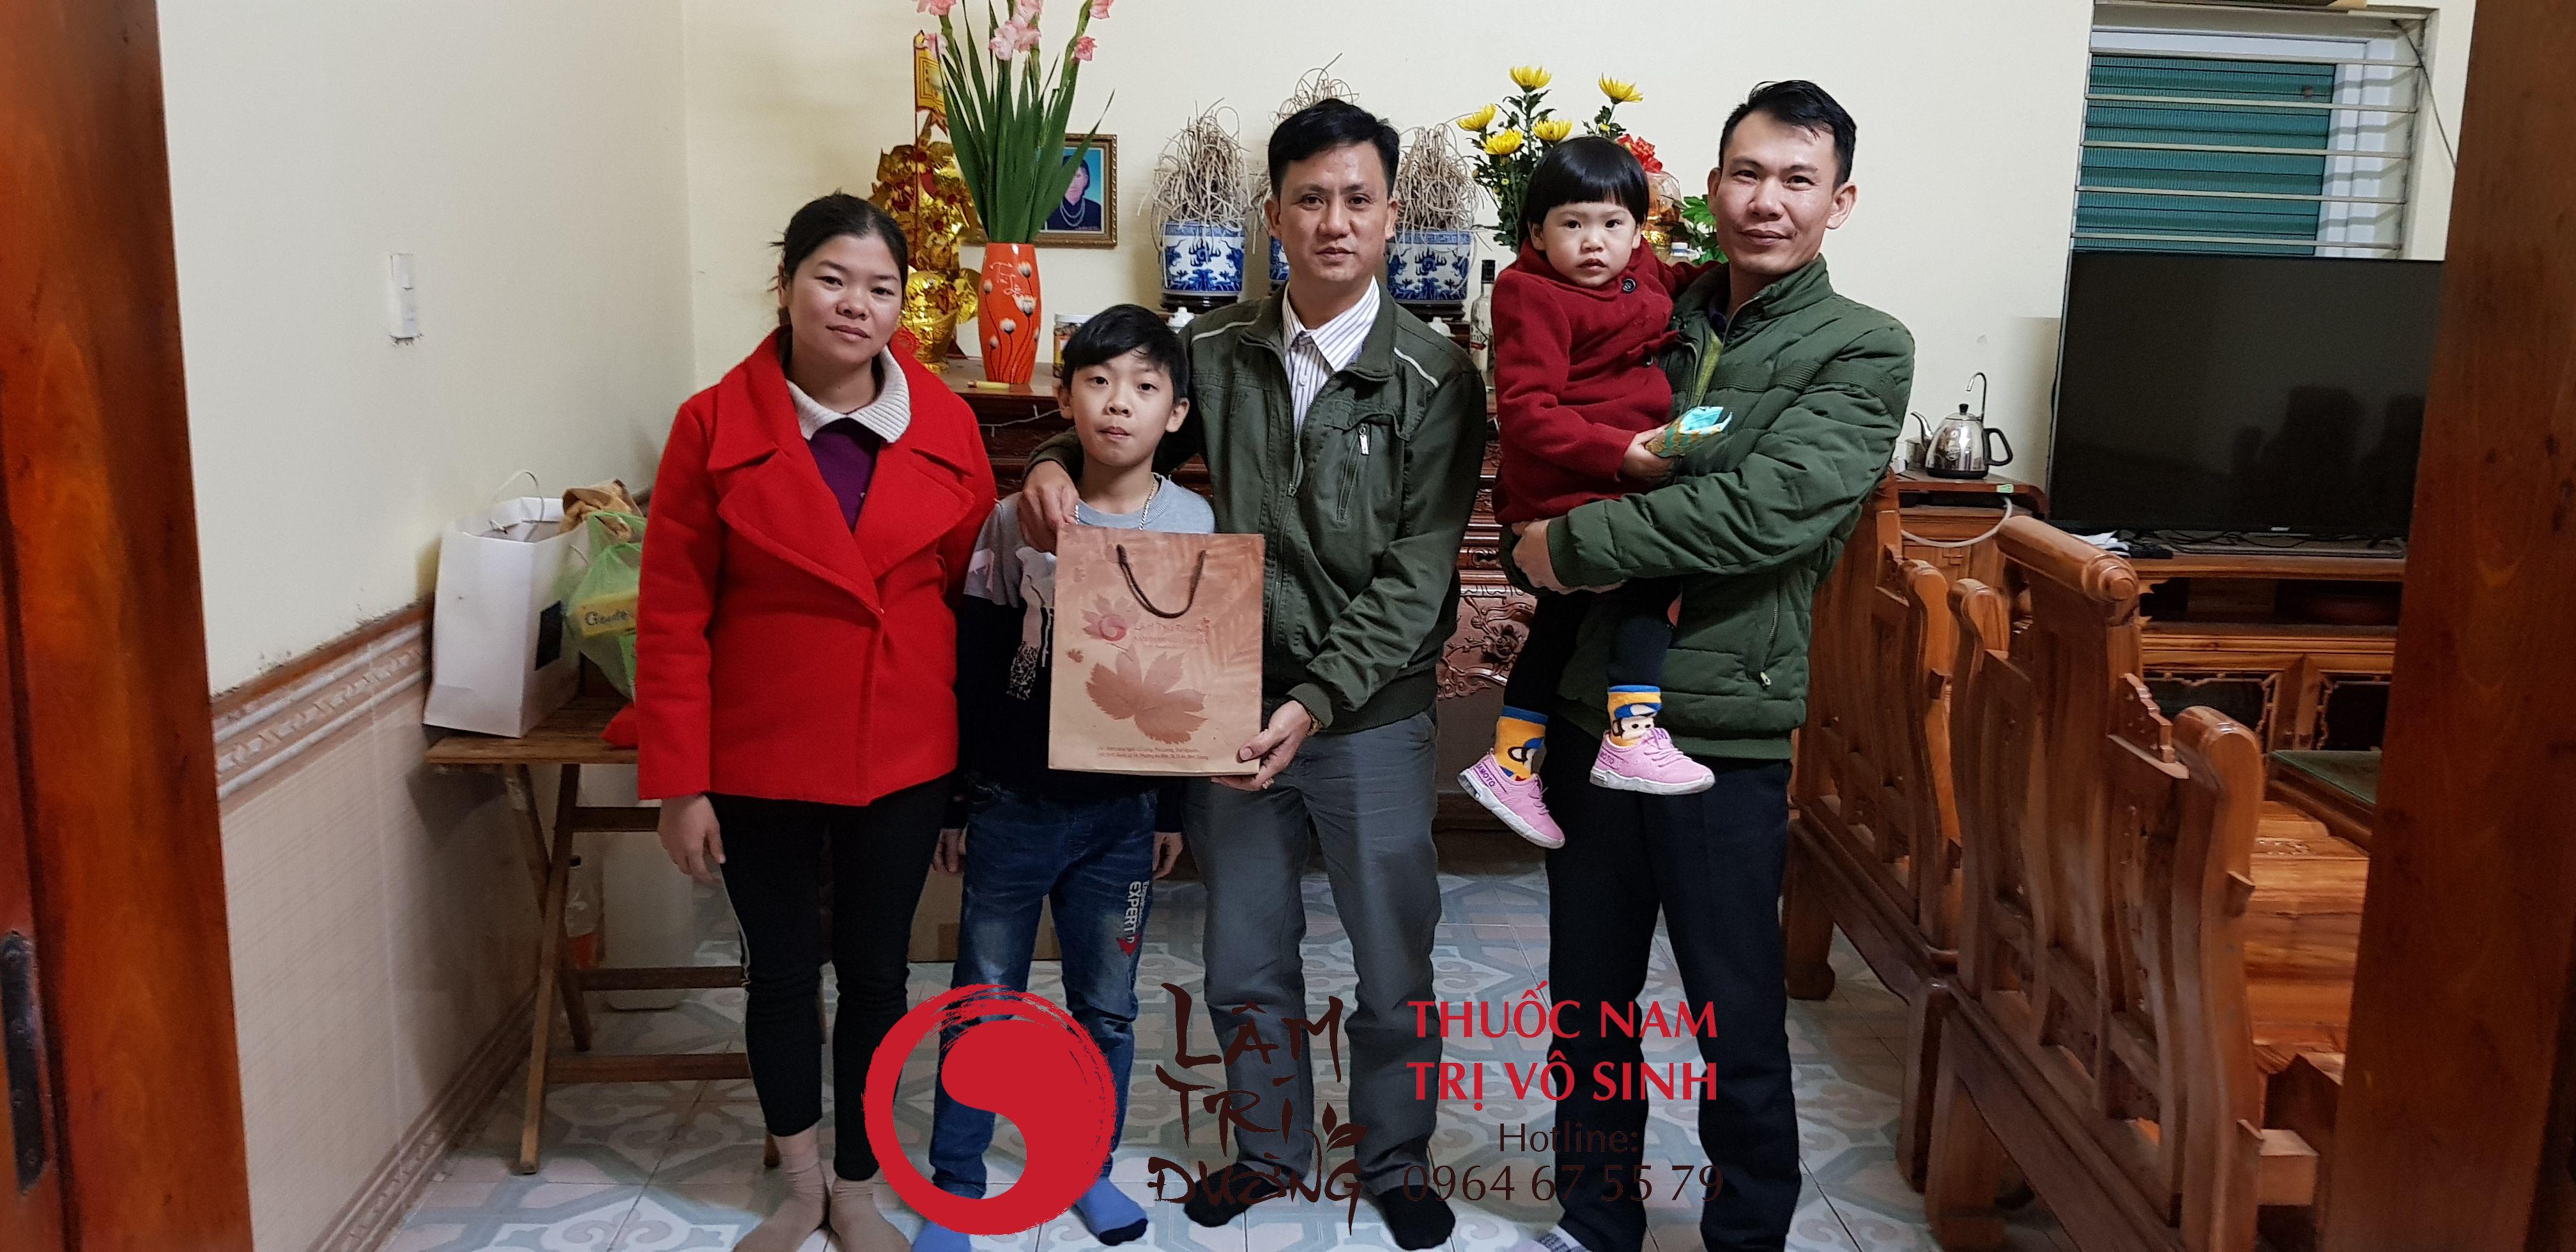 Ảnh Bùi Văn Trúc và gia đình bệnh nhân trị vô sinh hiệu quả